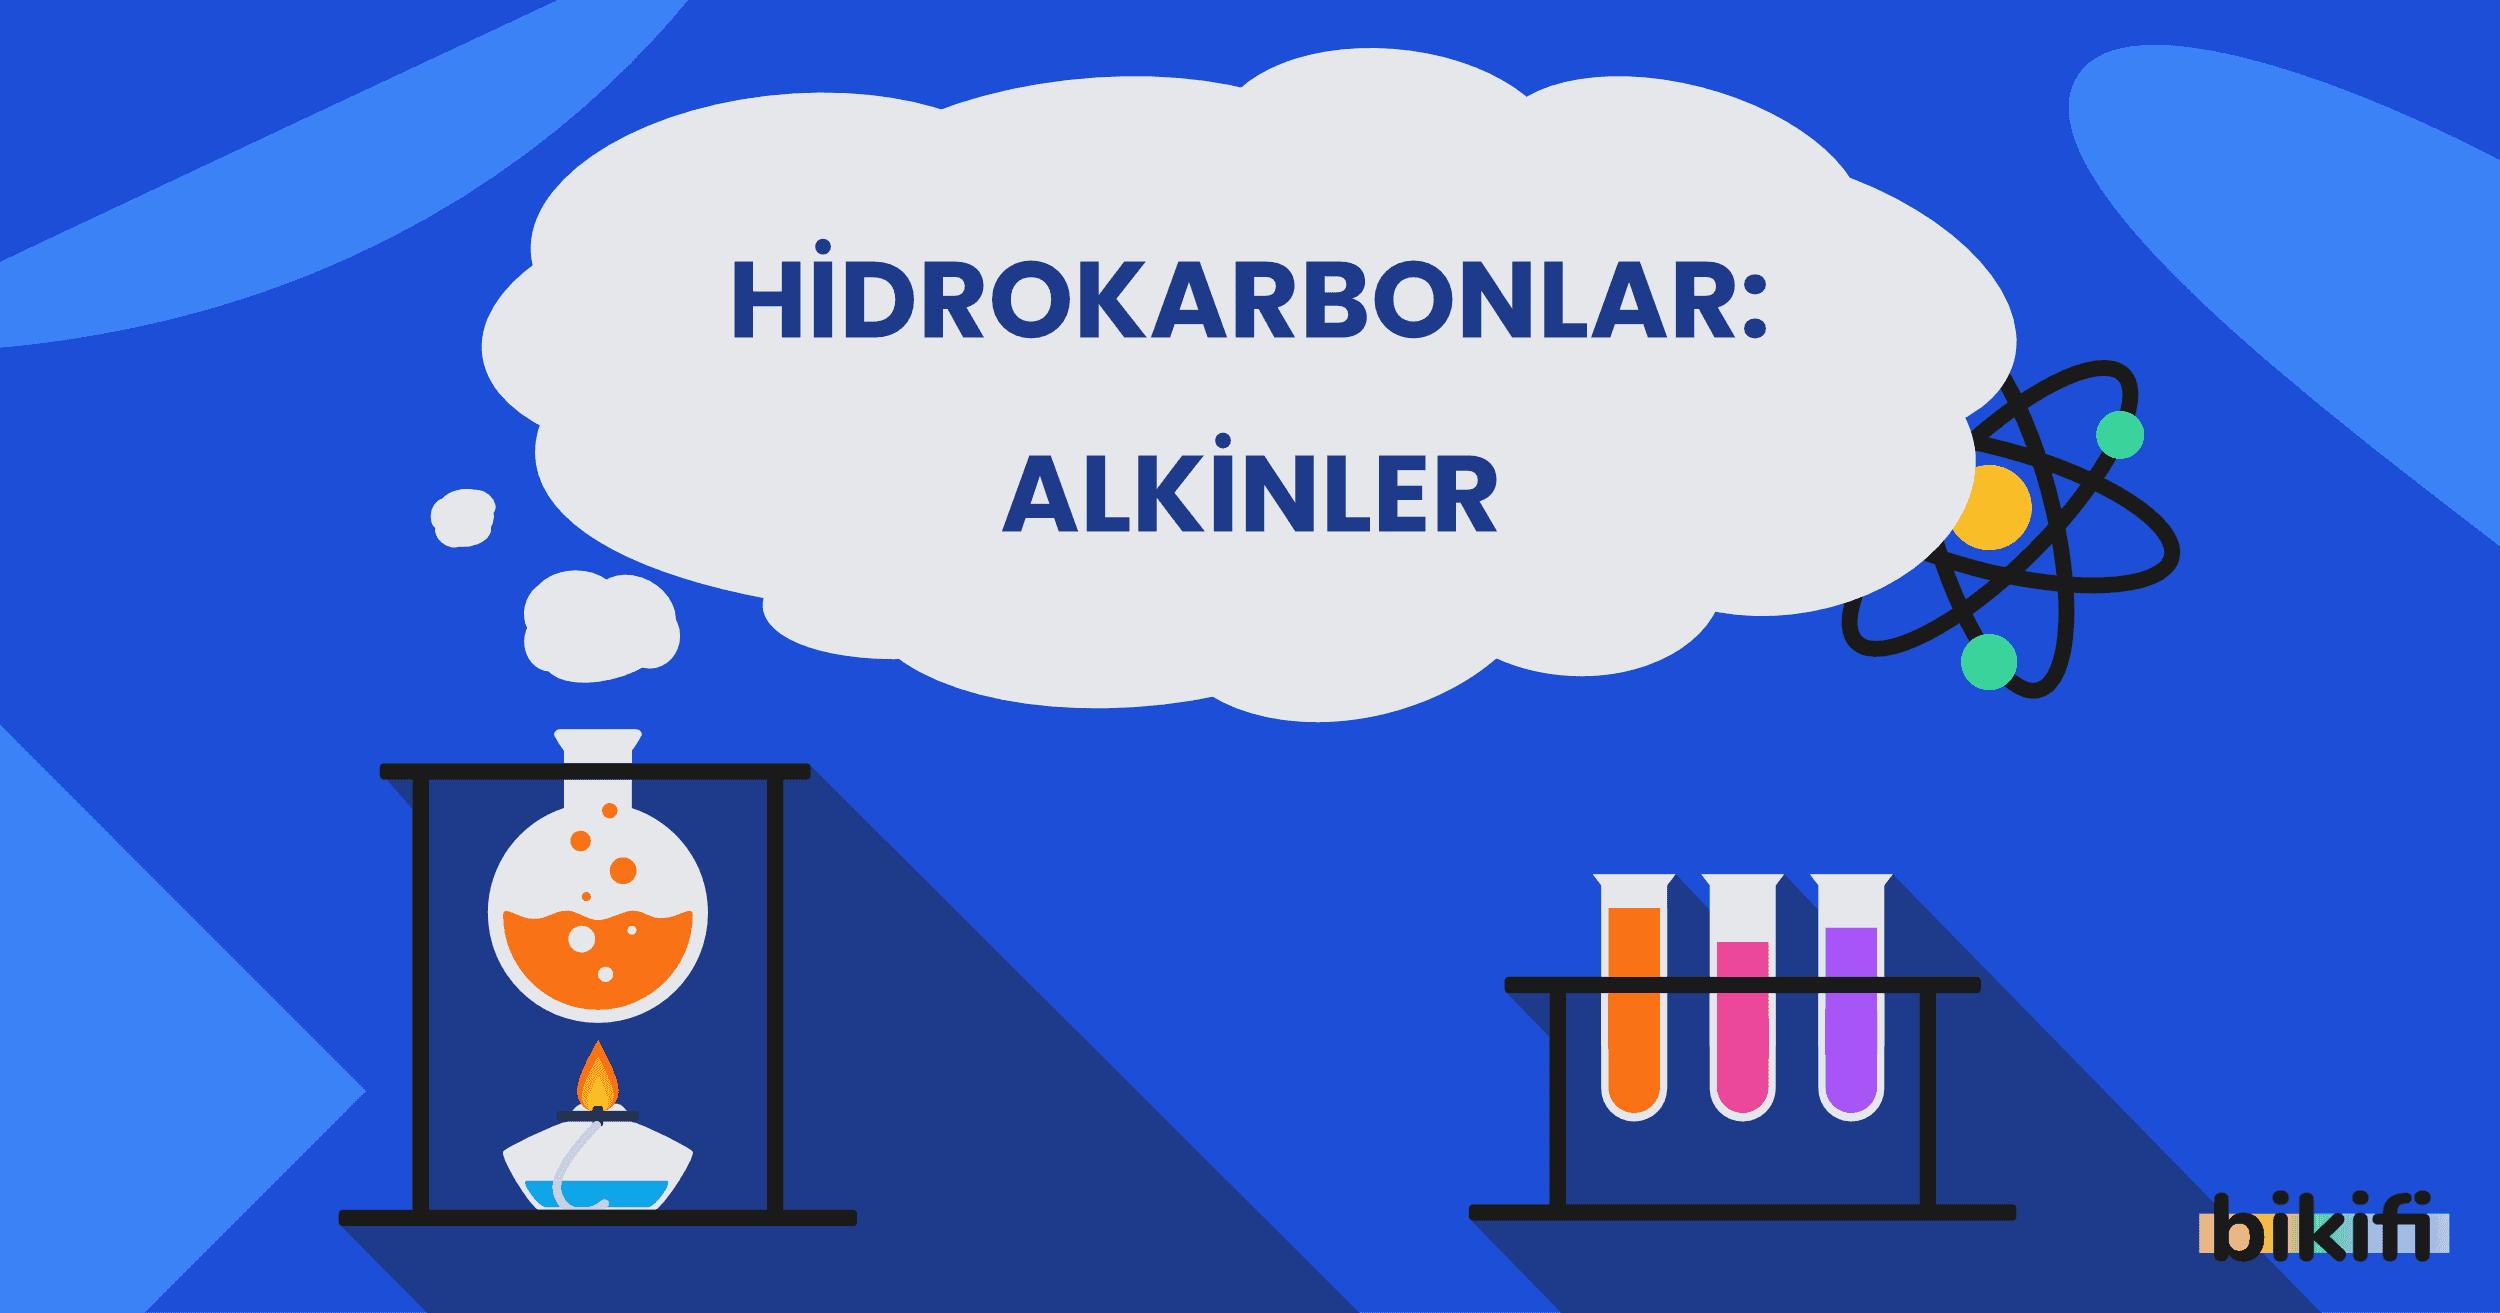 Hidrokarbonlar: Alkinler